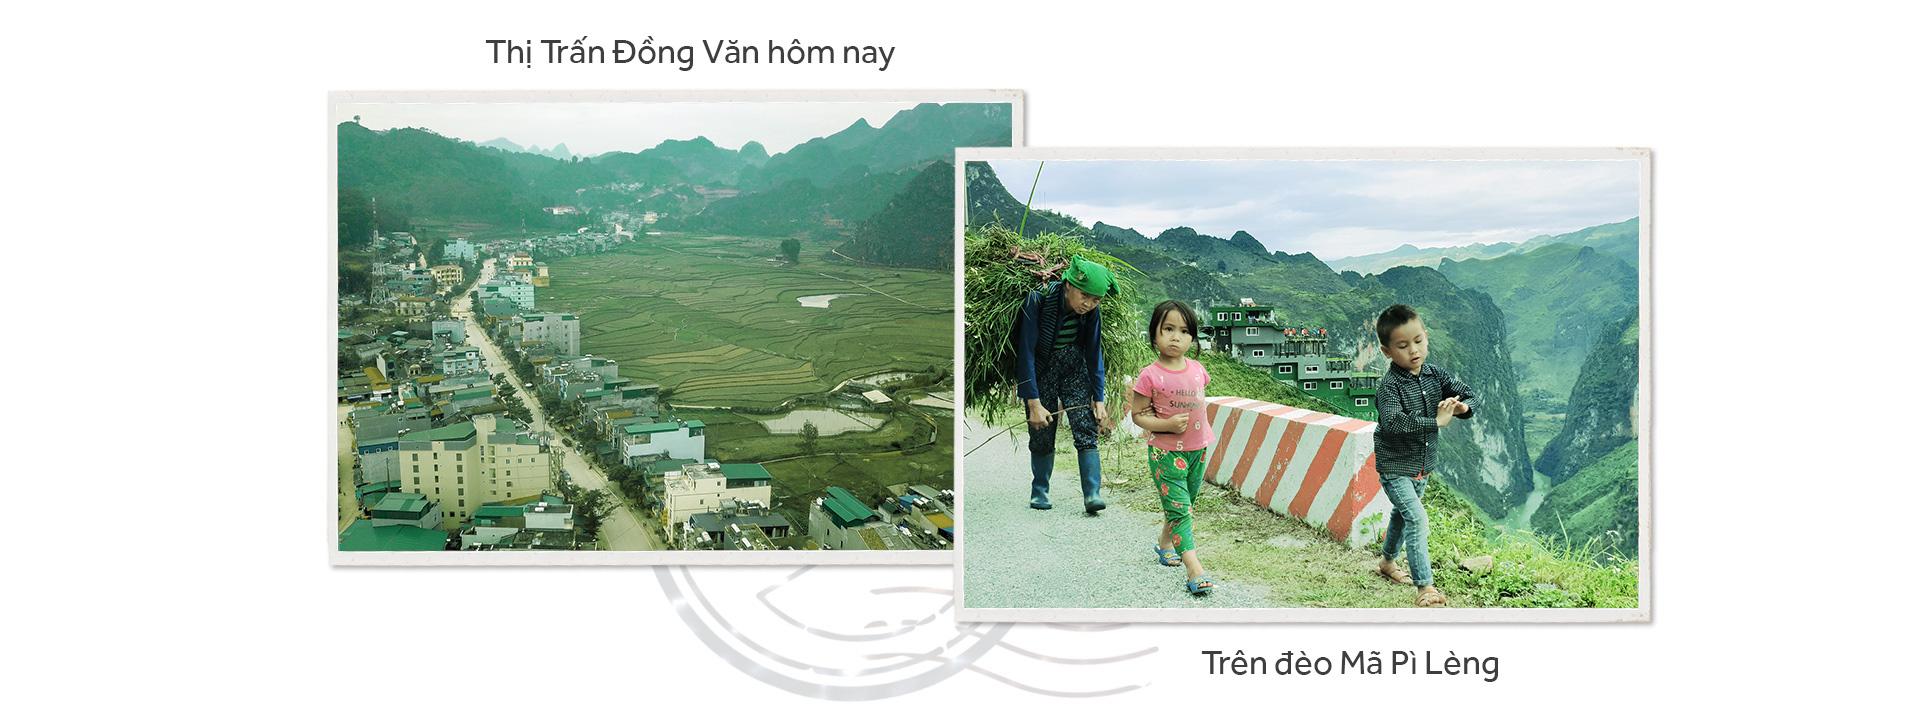 55 năm Cung đường Hạnh Phúc trên trập trùng núi đá Hà Giang - Ảnh 16.